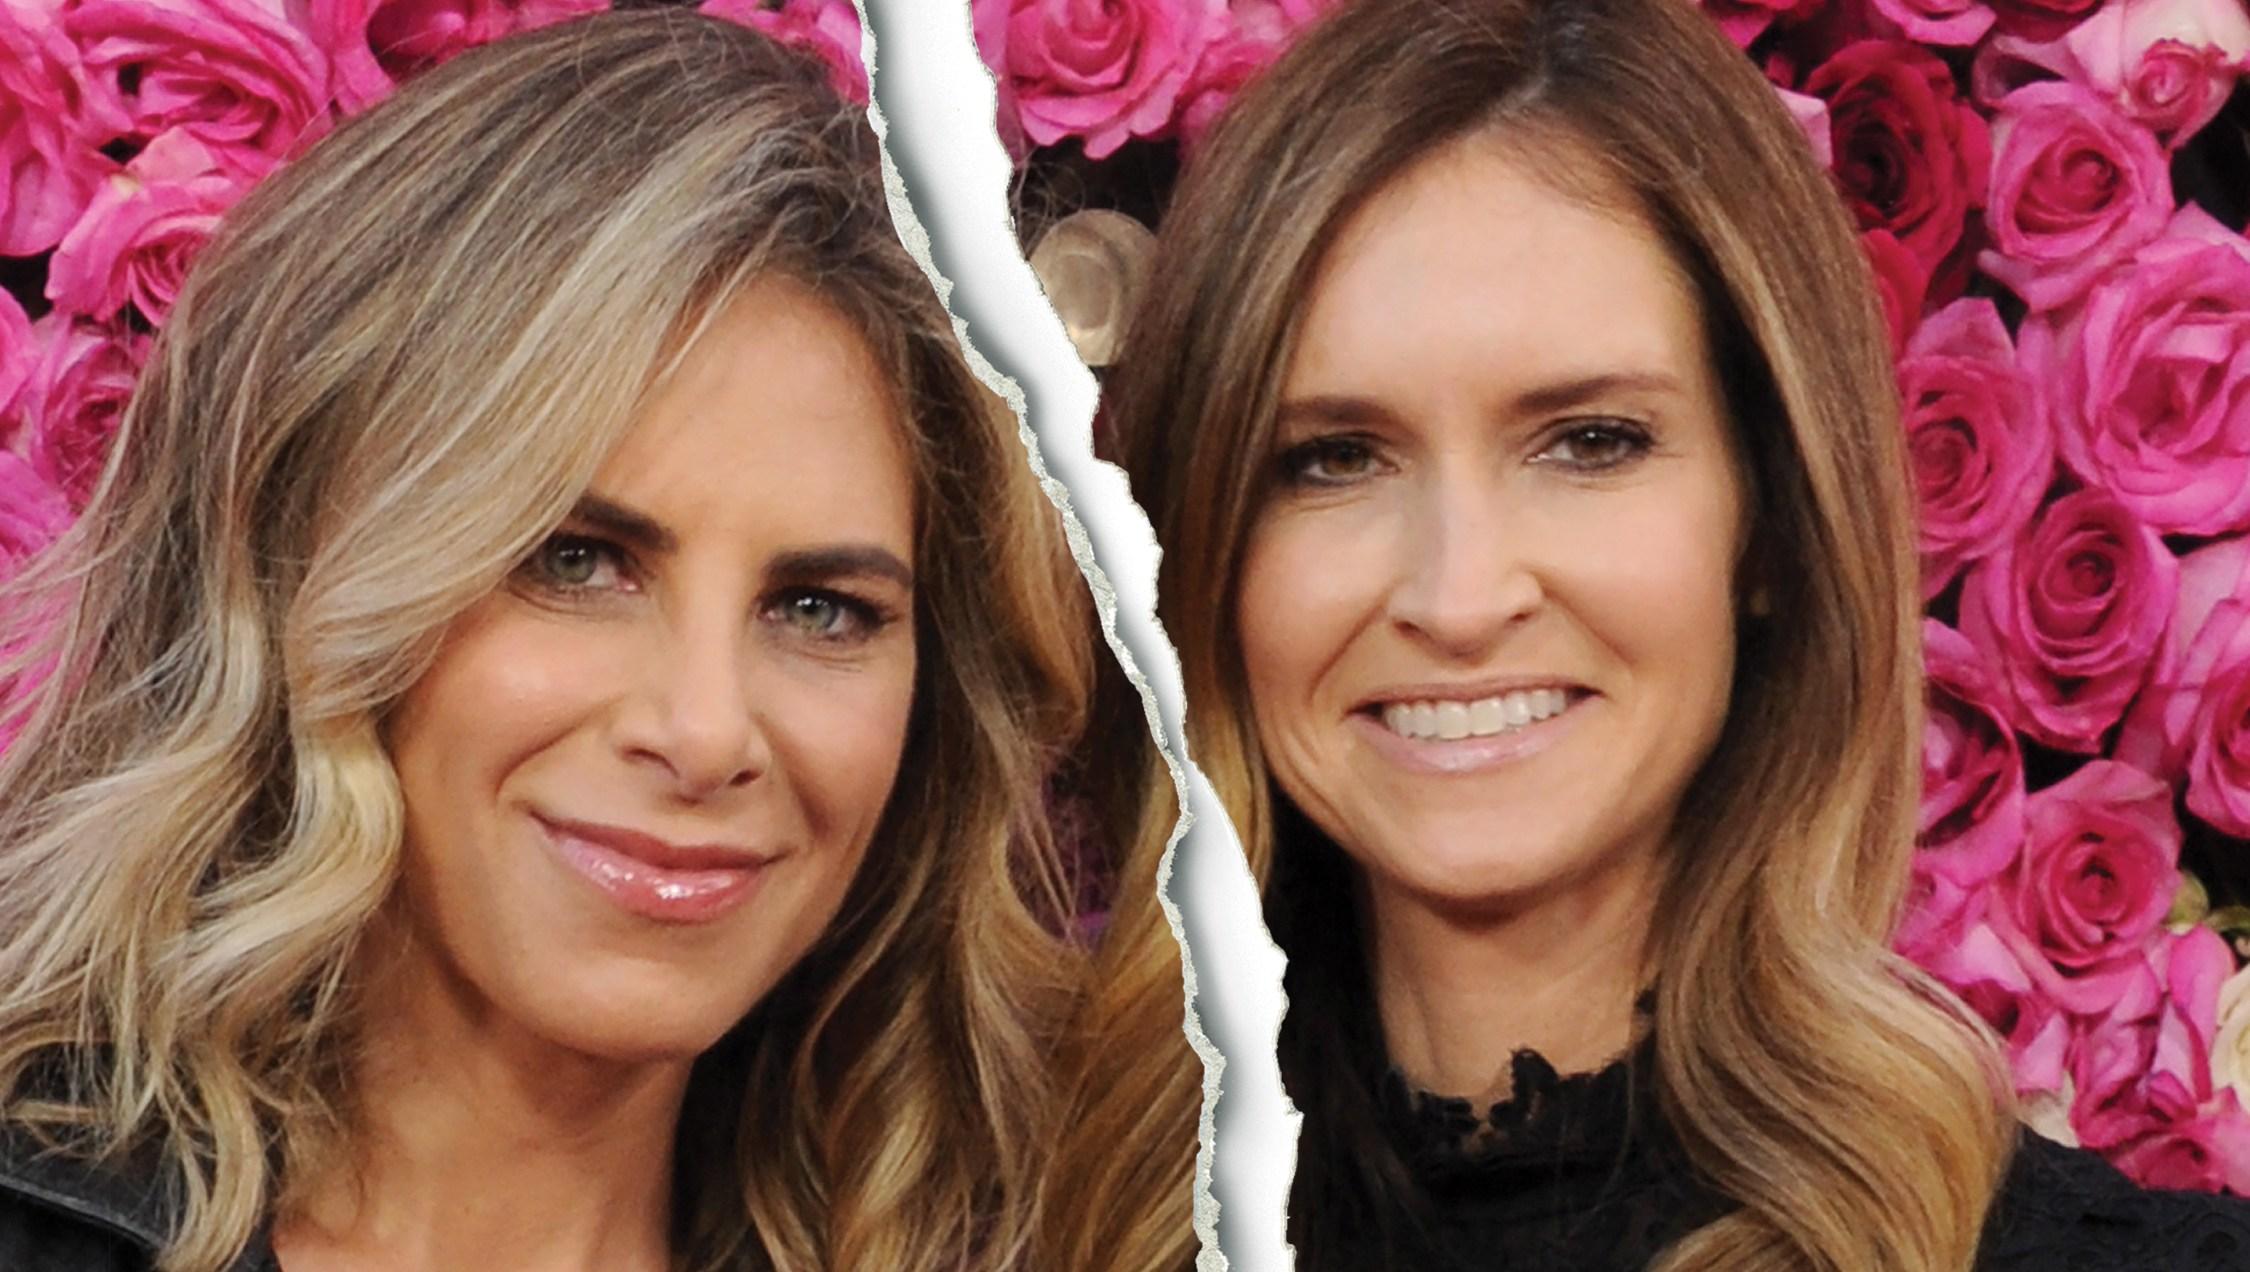 Celebrity Splits of 2018 Jillian Michaels and Heidi Rhoades split